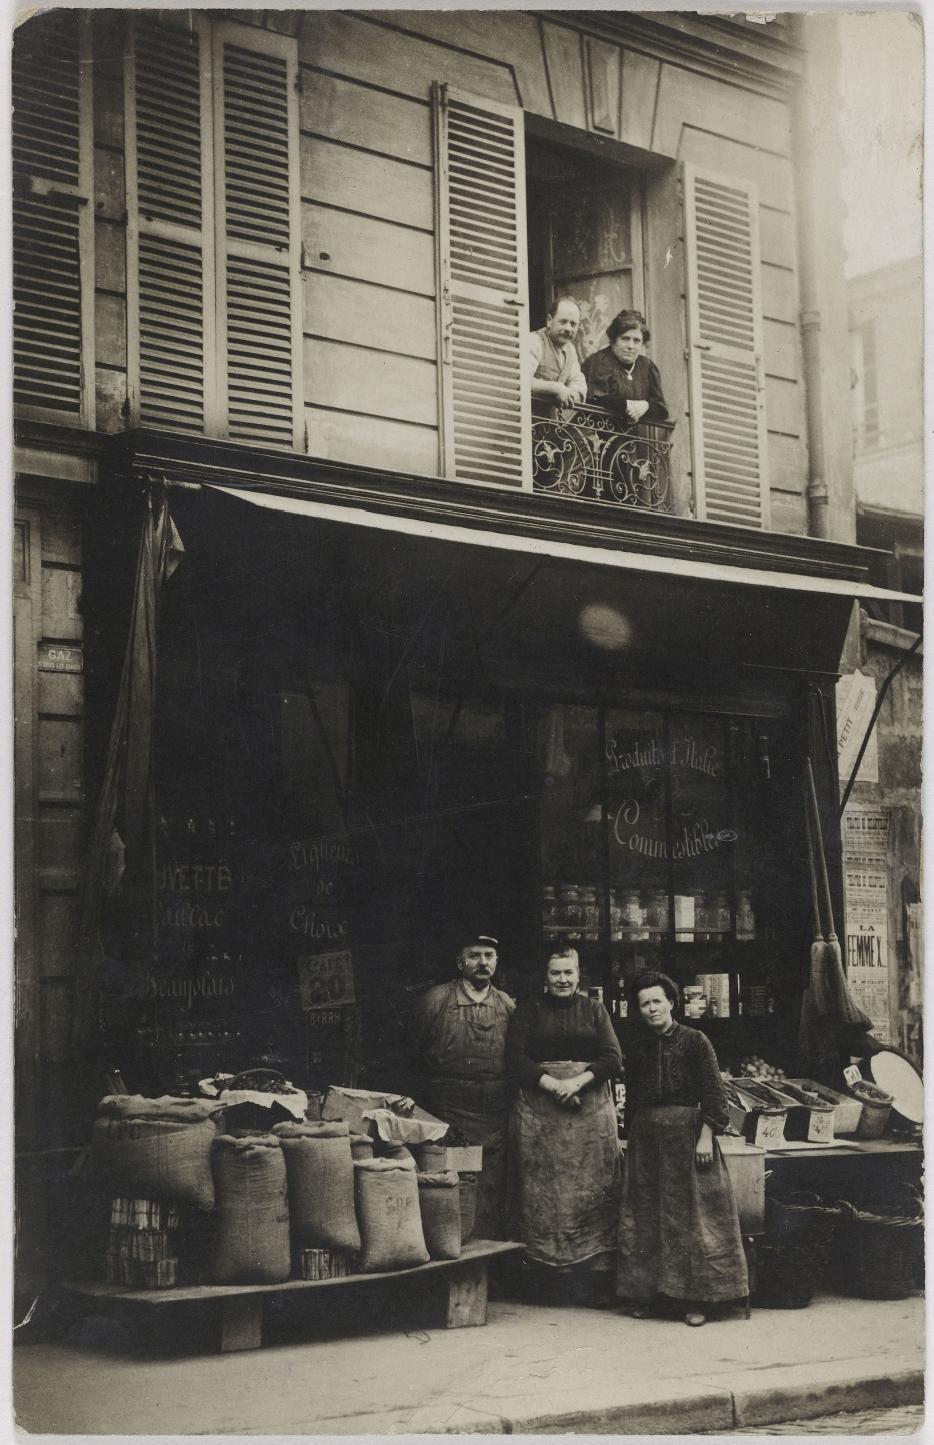 1910. Бакалея и алкоголь, буфет. rue de Belleville (19 округ)